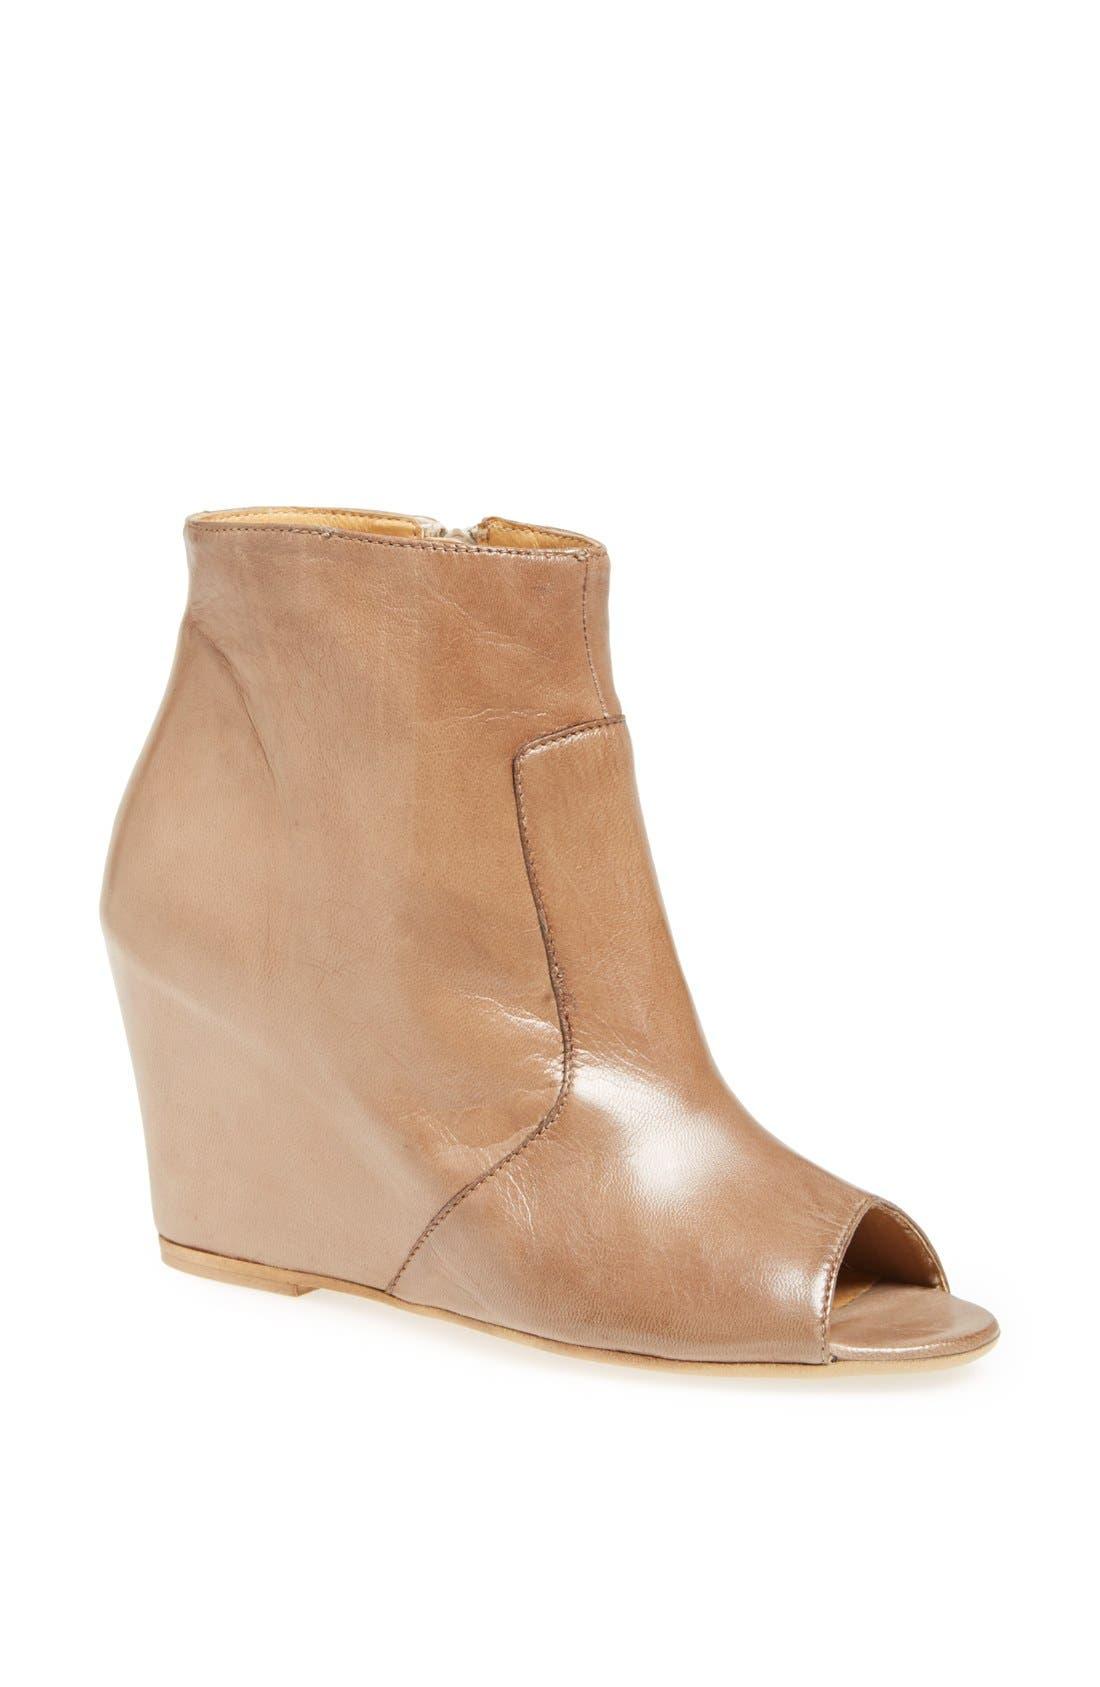 Main Image - Paola Ferri Open Toe Ankle Boot